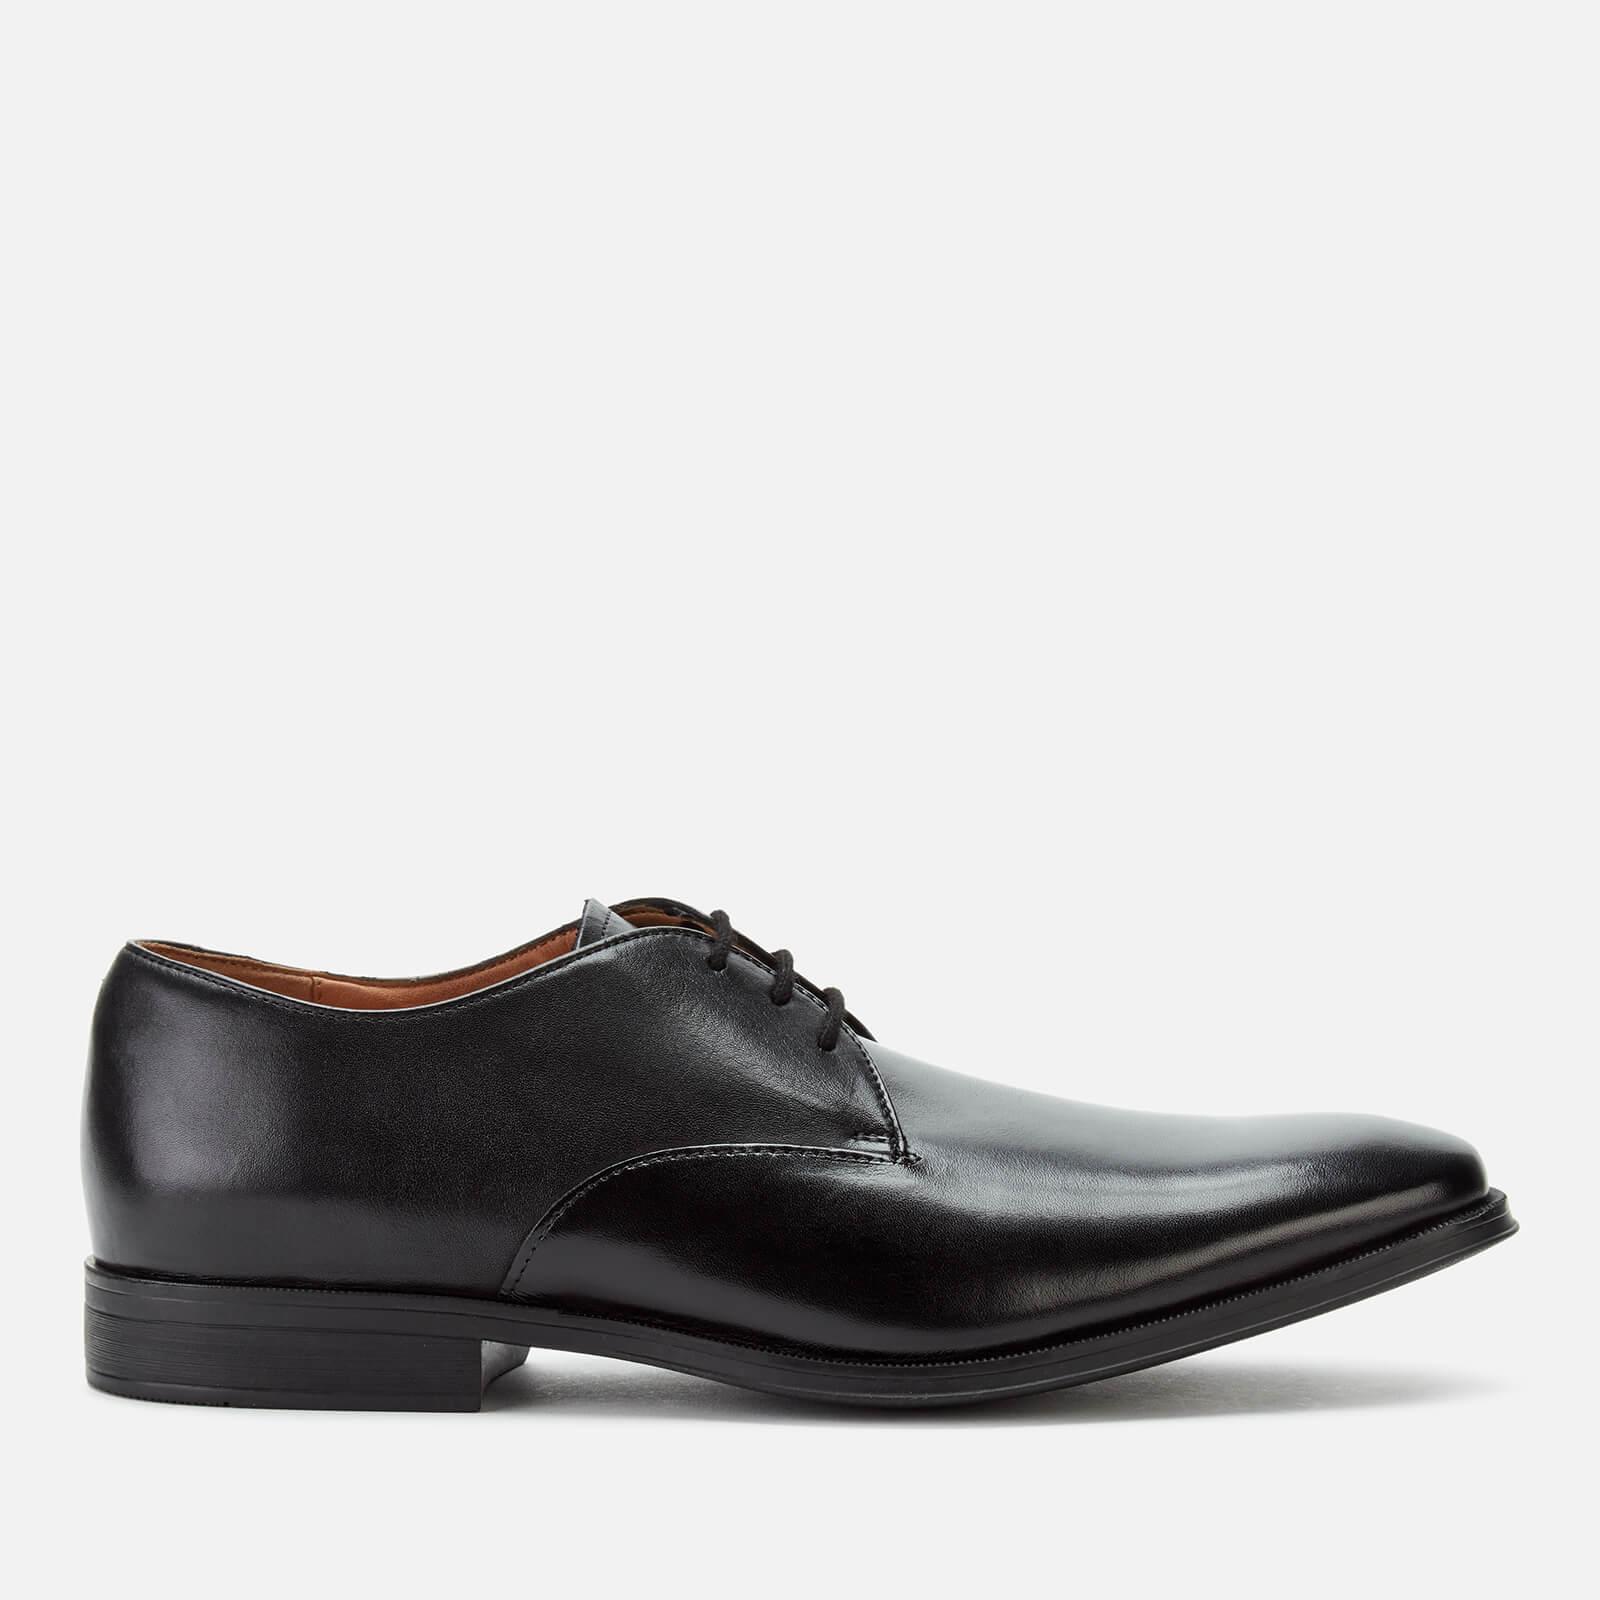 Clarks Men's Gilman Walk Leather Derby Shoes - Black - UK 10